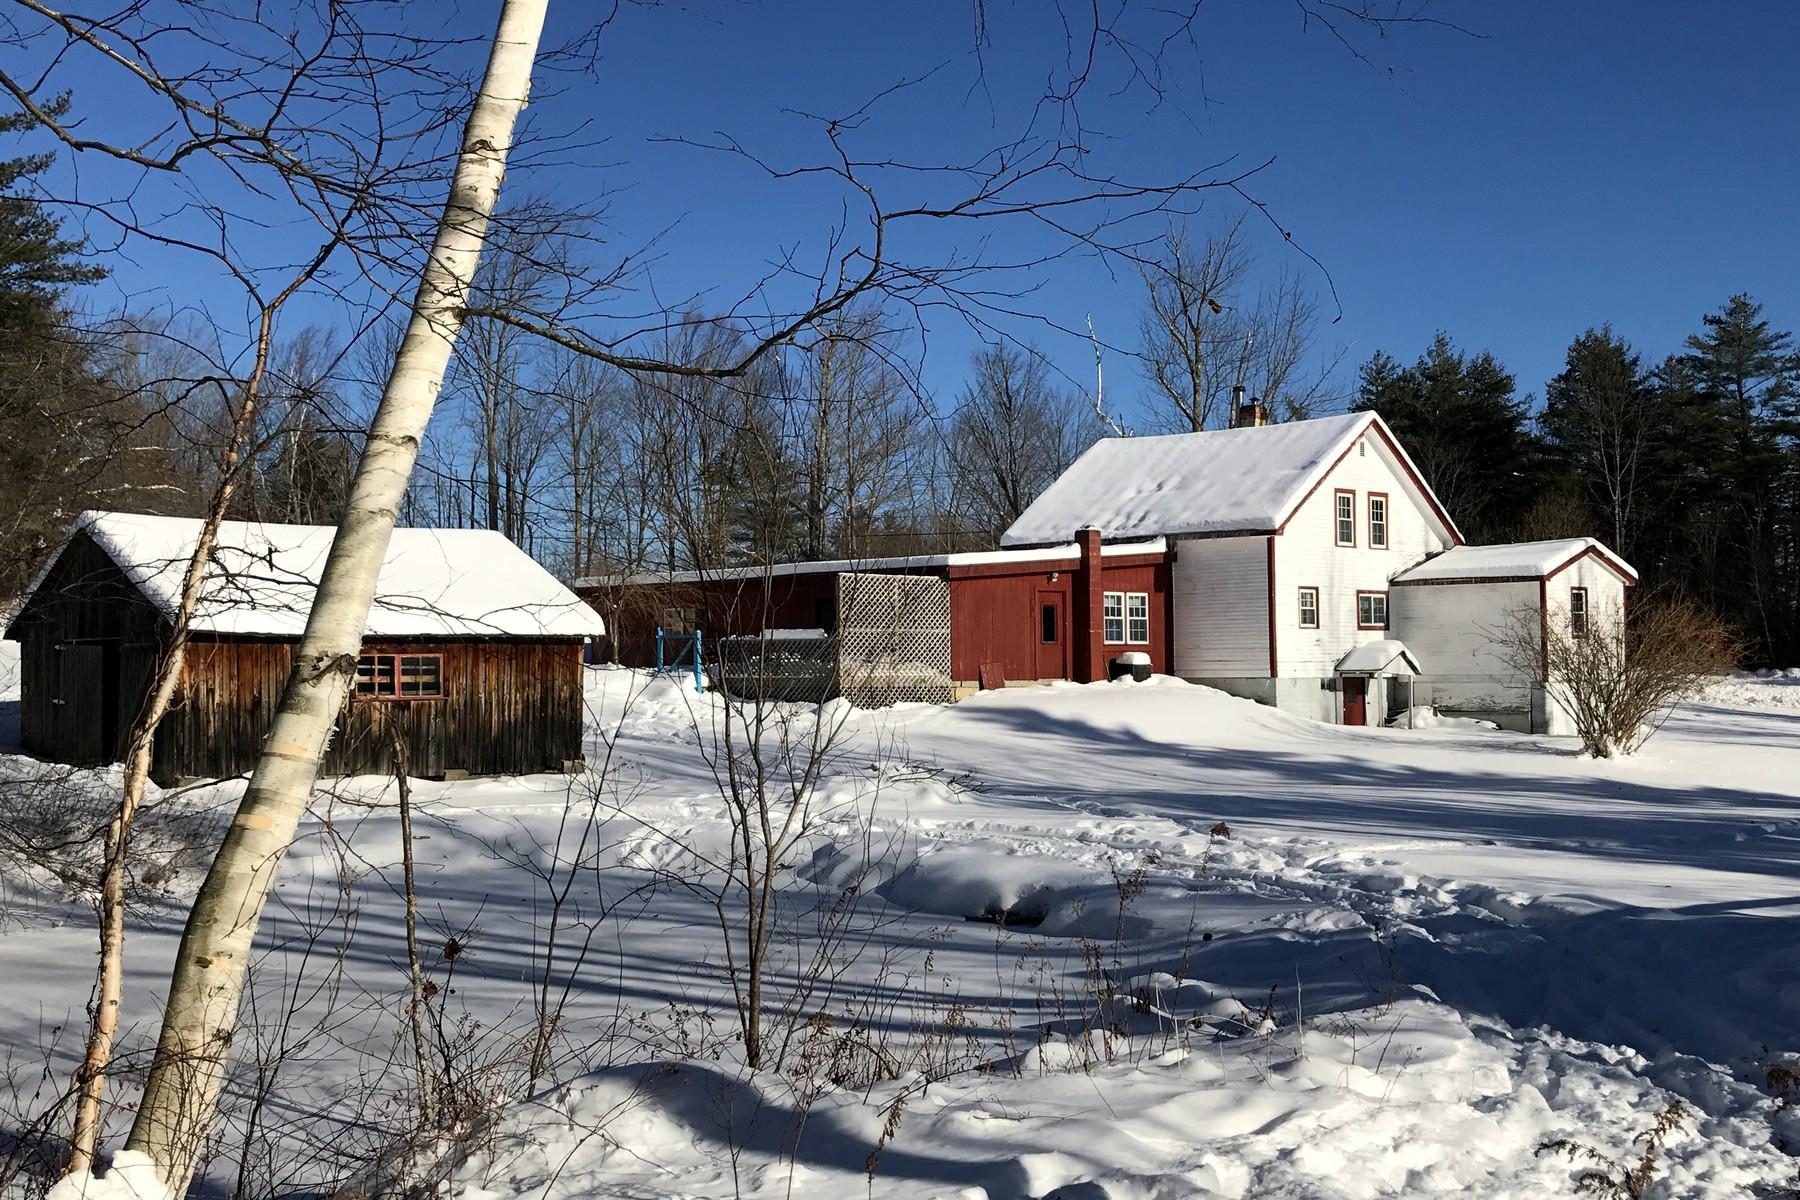 Частный односемейный дом для того Продажа на South Hill Gem 378 South Hill, Ludlow, Вермонт, 05149 Соединенные Штаты